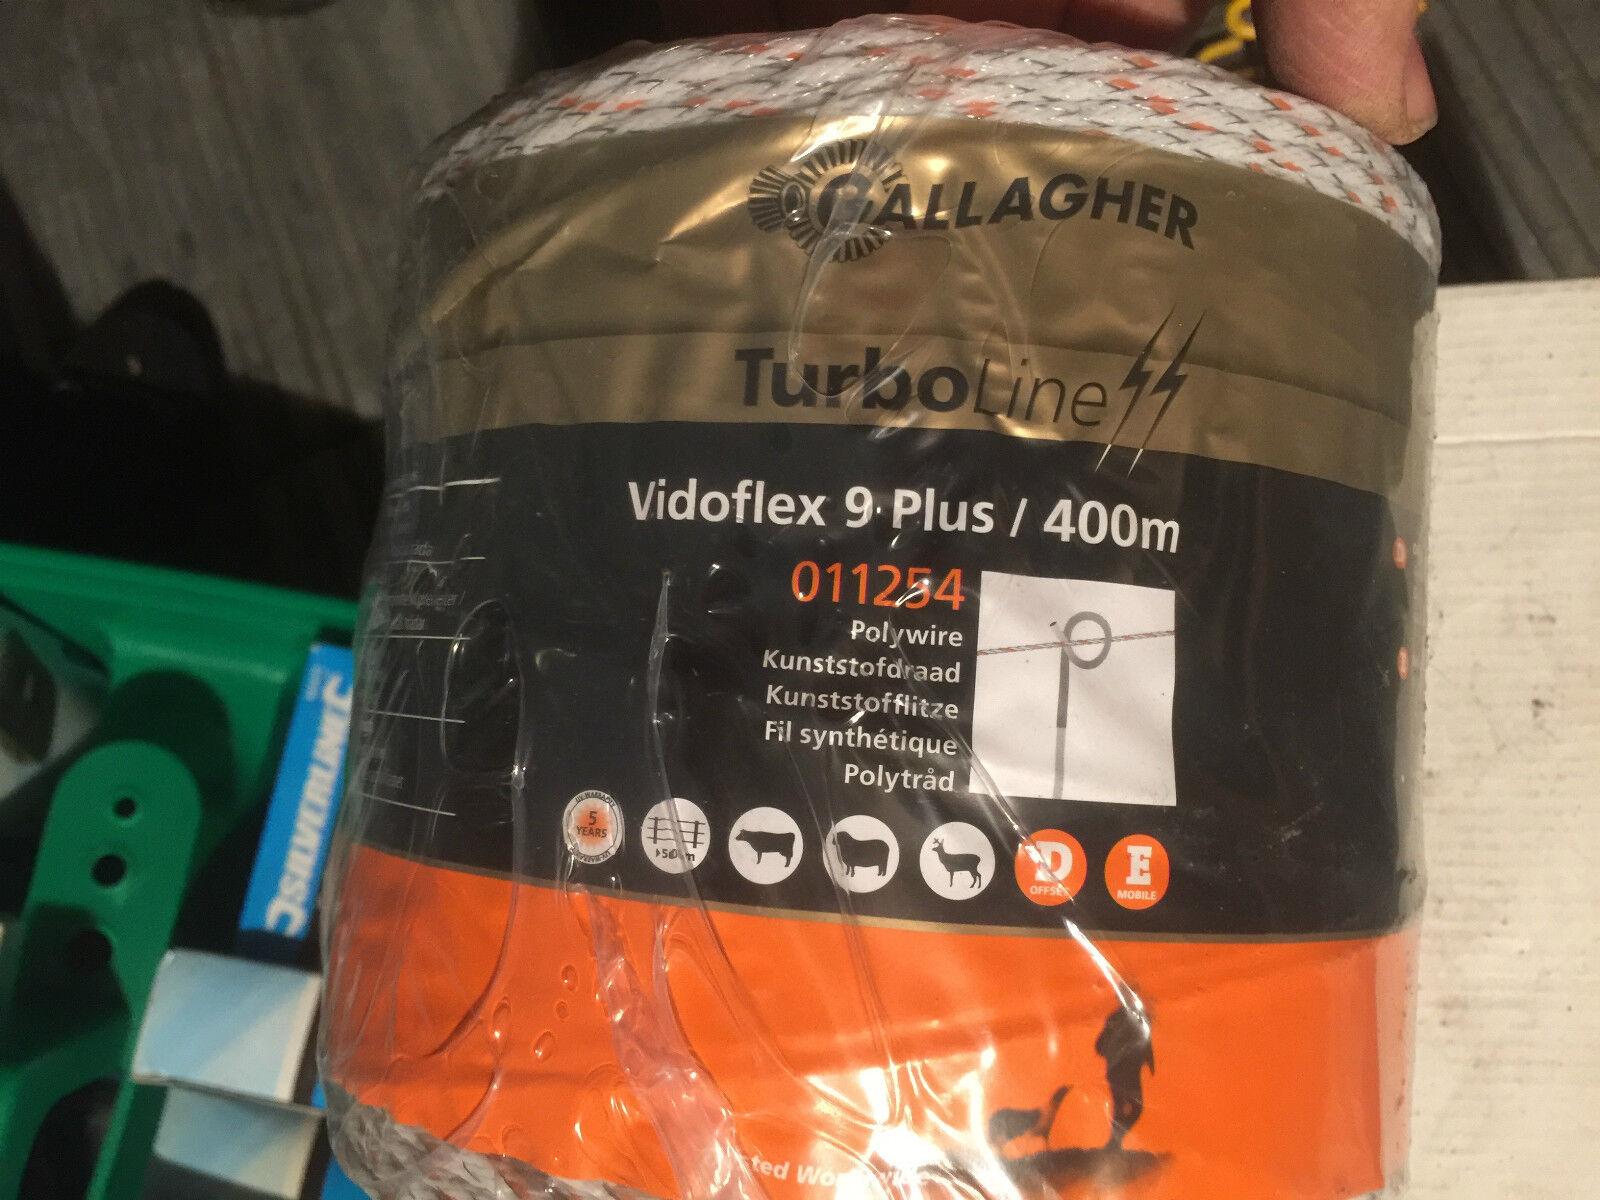 Gallaghers Vidoflex electric fencing TurboLine Polywire TurboLine fencing Plus 400m Weiß 011254 ae75e5